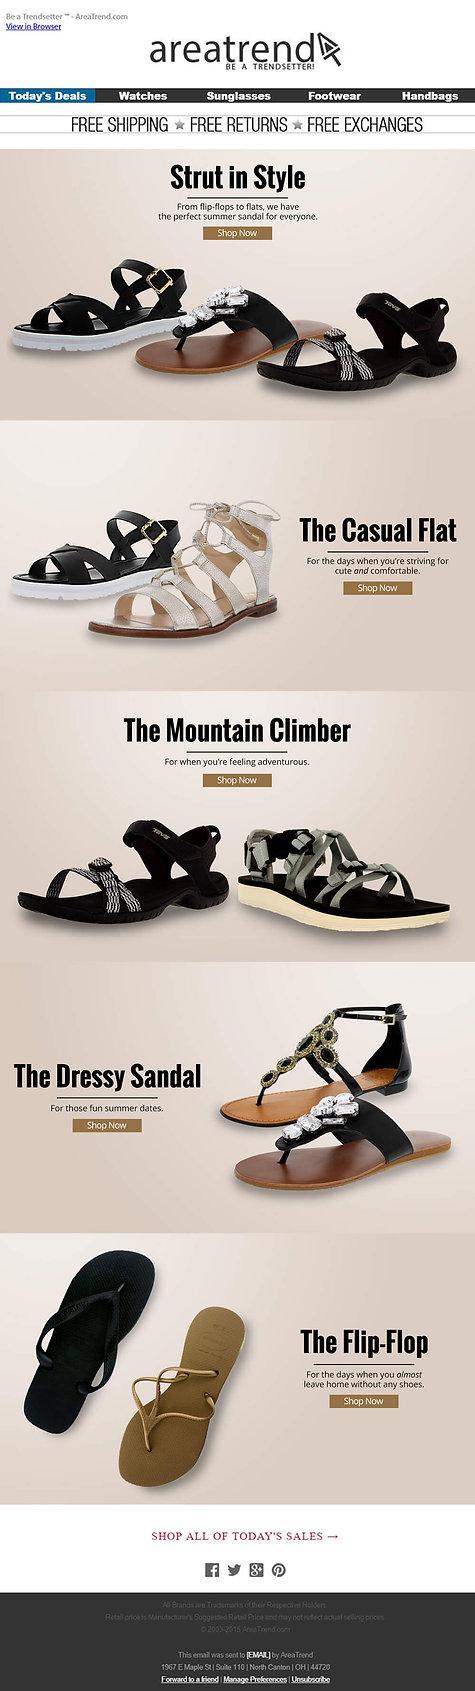 area trend footwear emailer